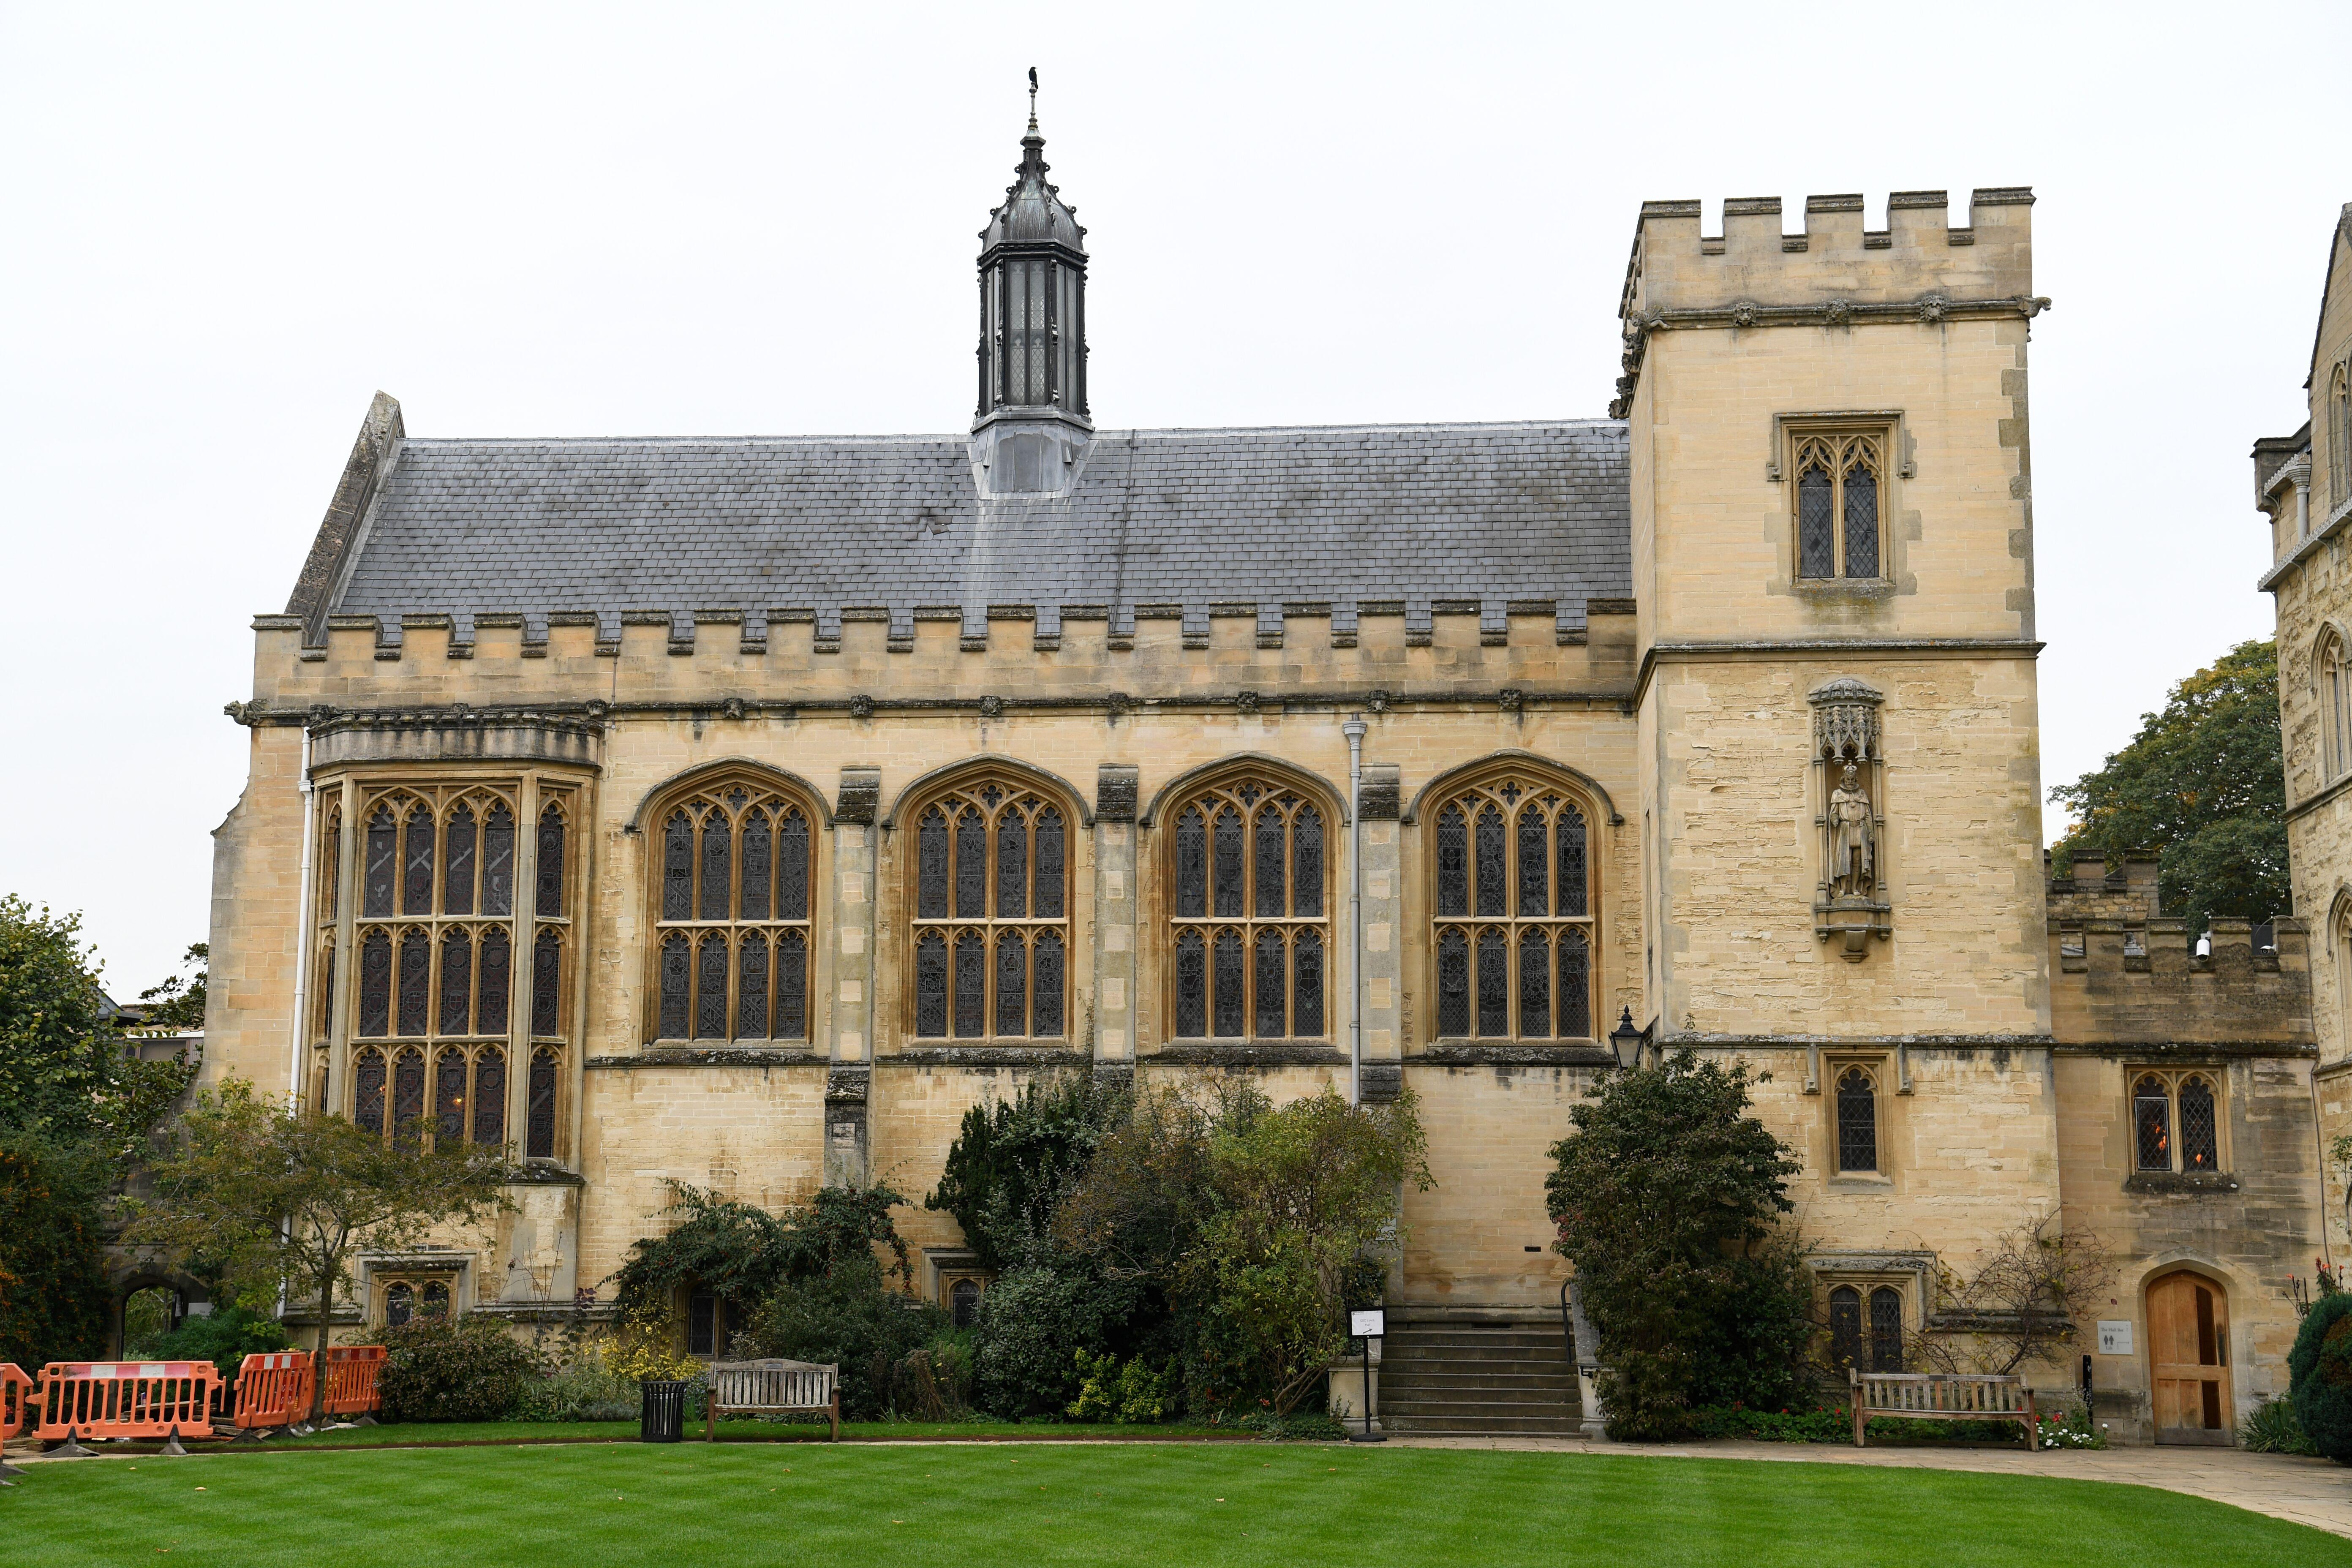 El vestíbulo del Pembroke College de la Universidad de Oxford. El élder Quentin L. Cook, del Cuórum de los Doce Apóstoles, se dirigió a los estudiantes, profesores, personal e invitados en el Pembroke College de la Universidad de Oxford, en Oxford, Inglaterra, el 23 de octubre de 2019.